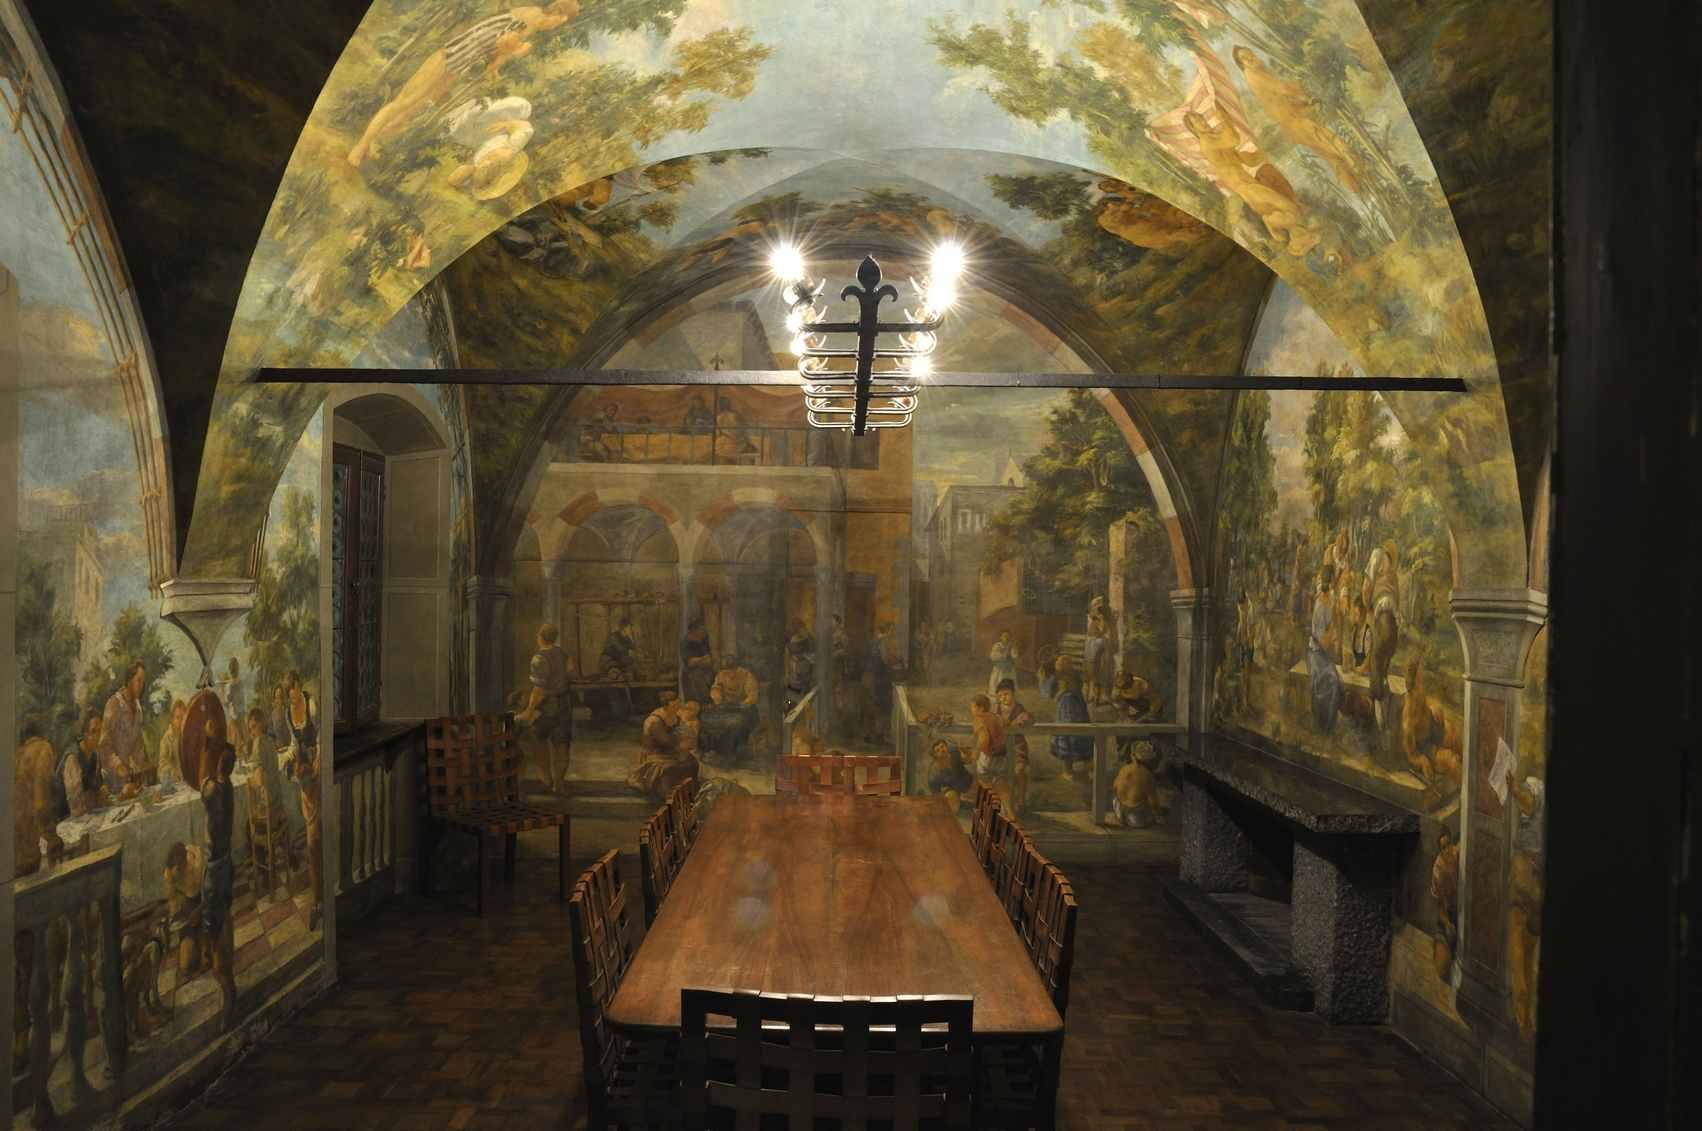 Casa cavazzini museo d 39 arte museo e arte for Casa moderna udine